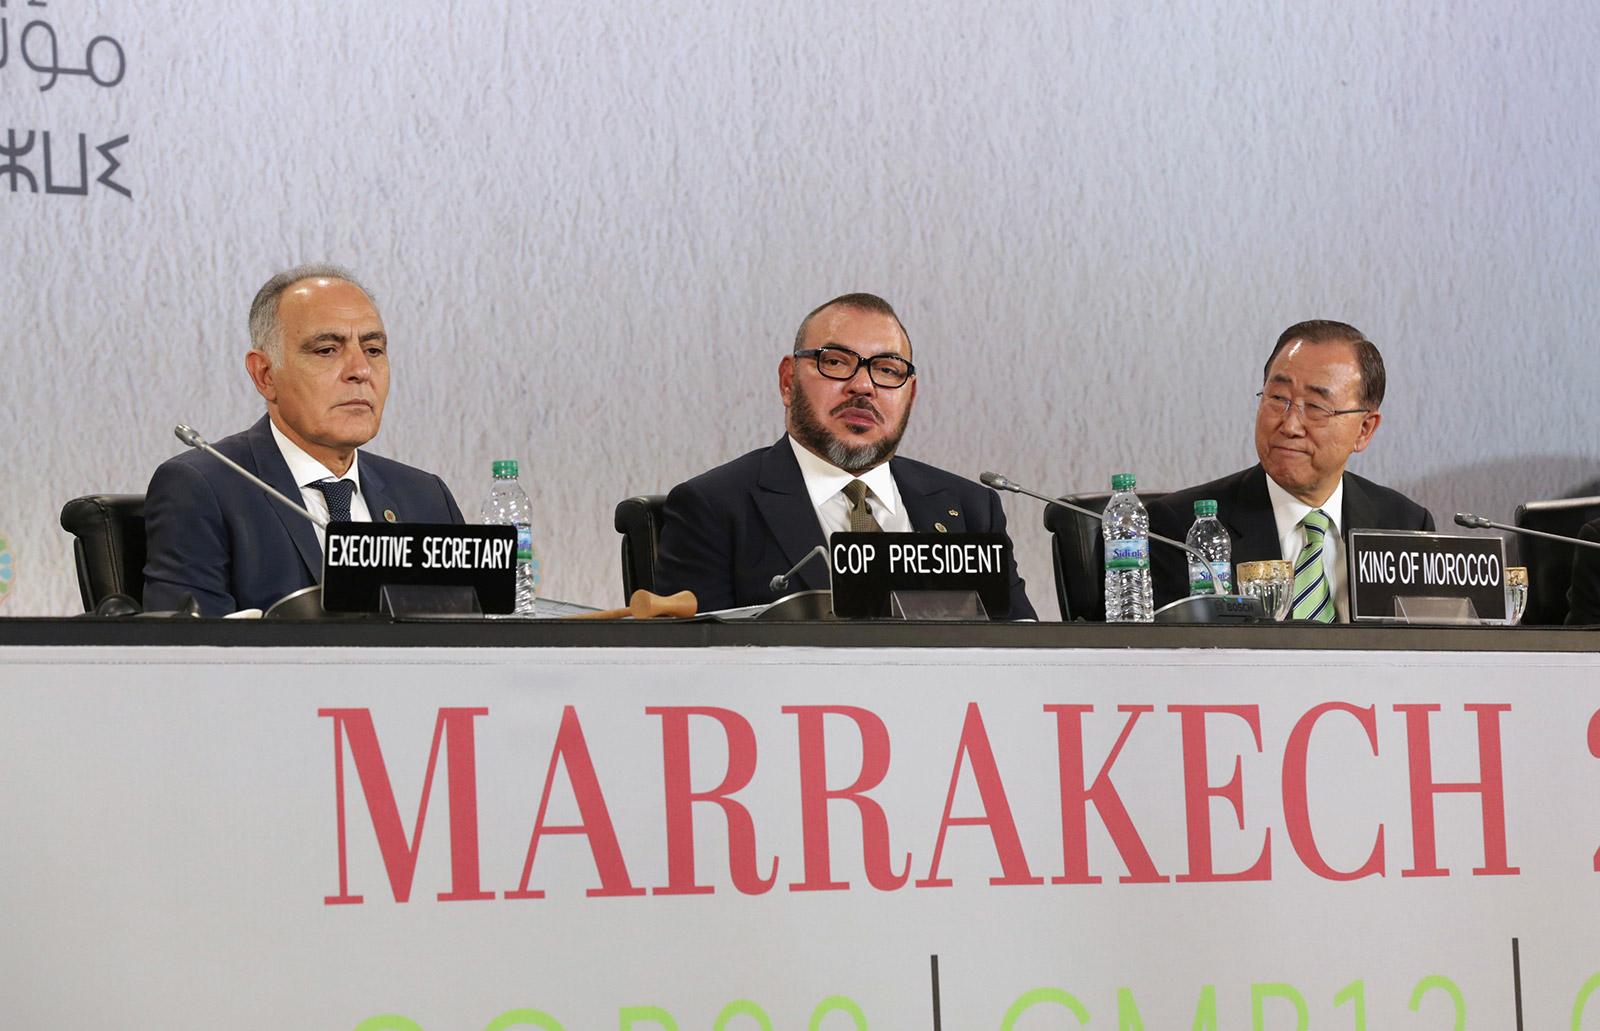 الملك المغربي محمد السادس والأمين العام للأمم المتحدة بان كي مون خلال مؤتمر الأمم المتحدة العالمي لتغير المناخ 2016 (COP22) في مراكش